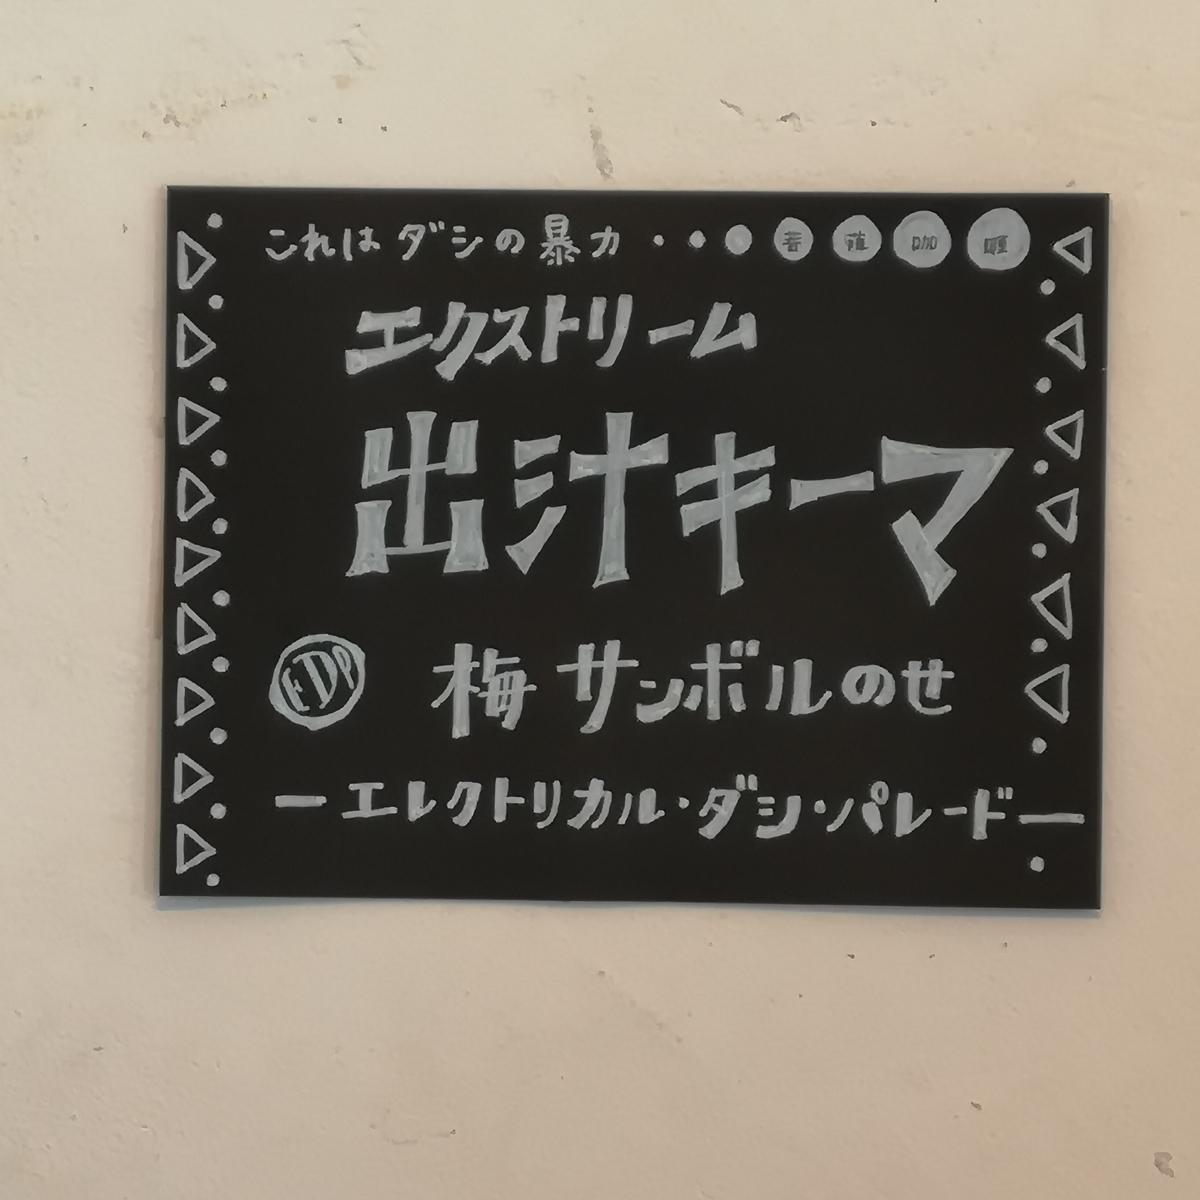 菩薩咖喱 エクストリーム出汁キーマ 梅サンボルのせ